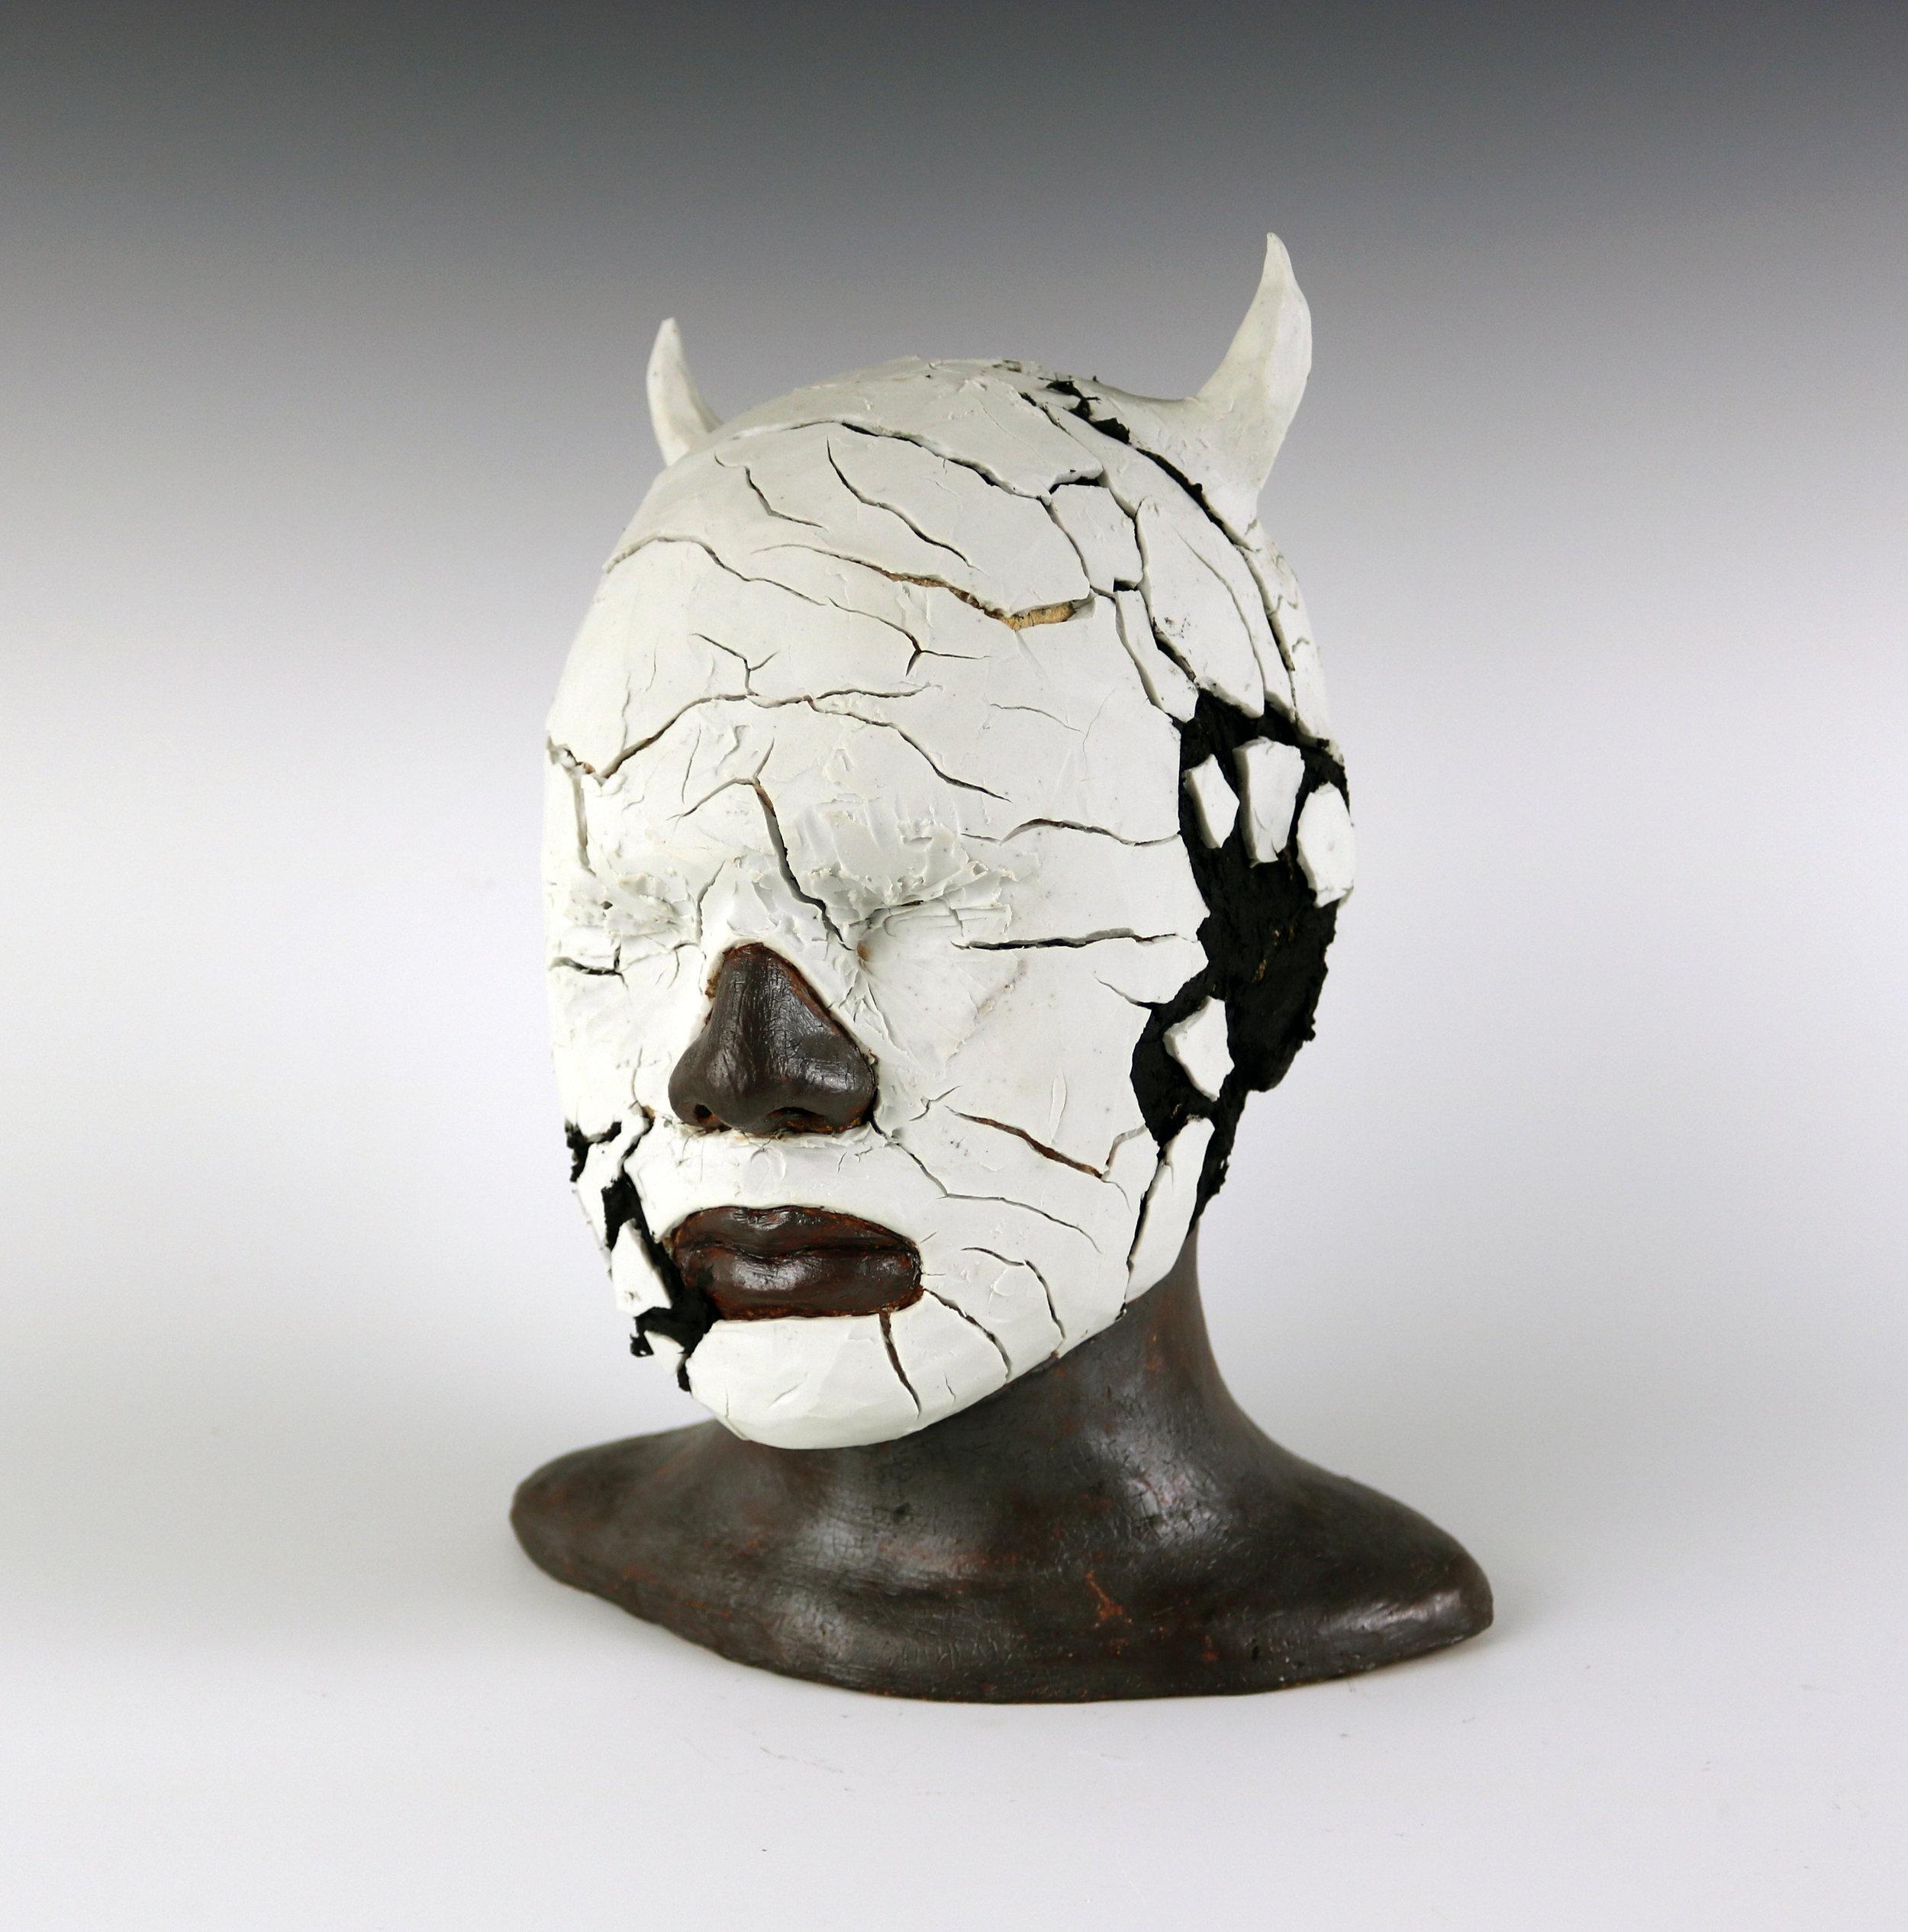 Effigy with Horns | Efigie con cuernos